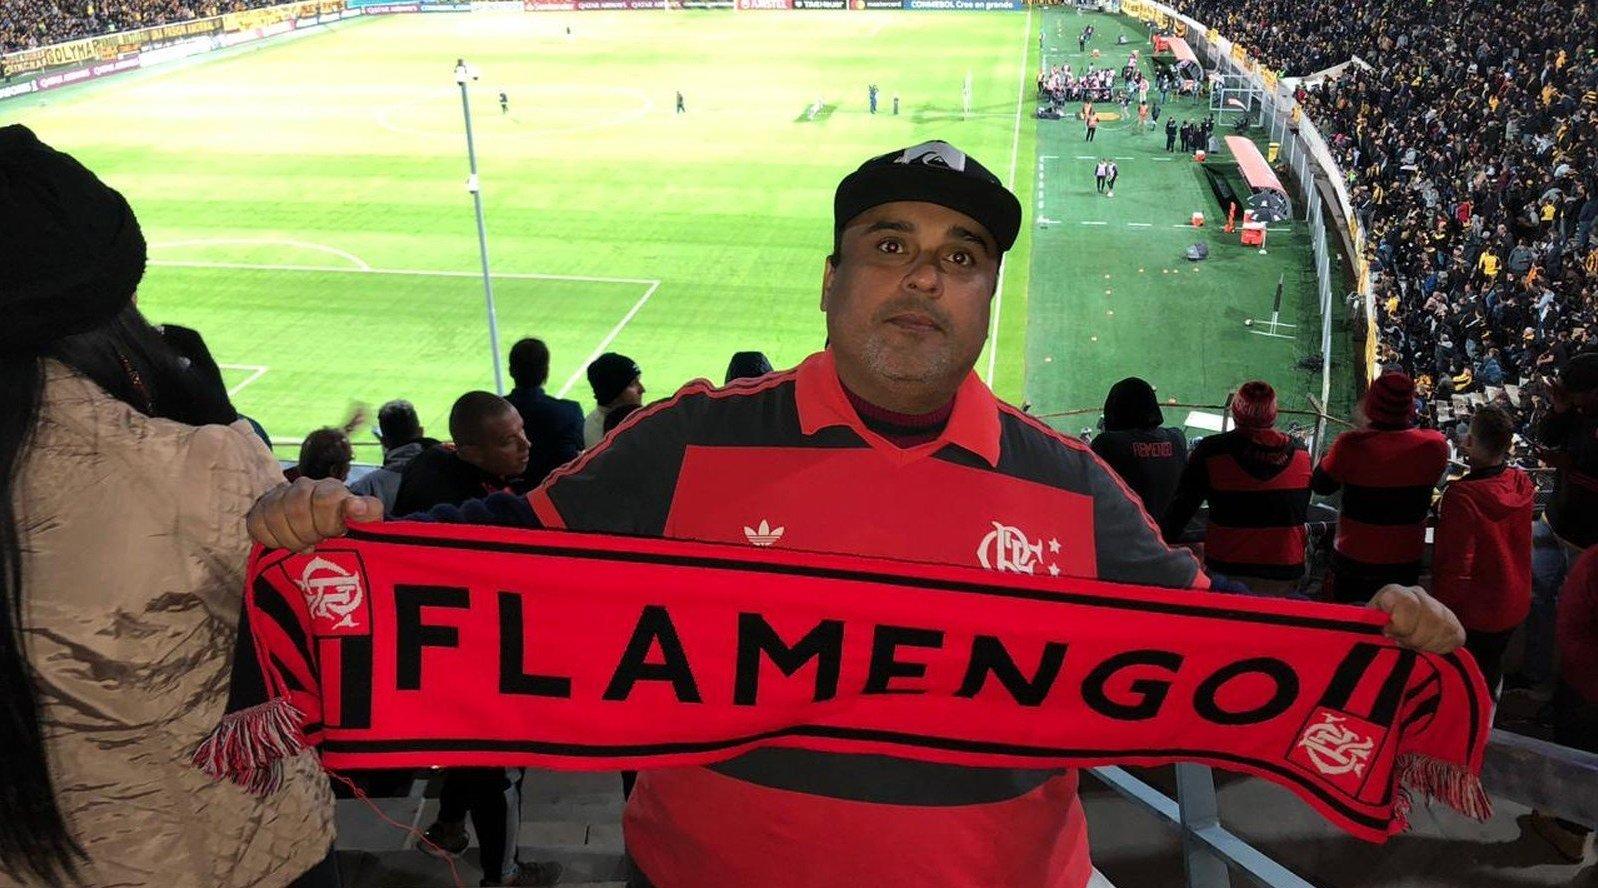 """Фанат """"Фламенго"""" уволился с работы и занял у мамы 5000 долларов, чтобы попасть на клубный чемпионат мира"""